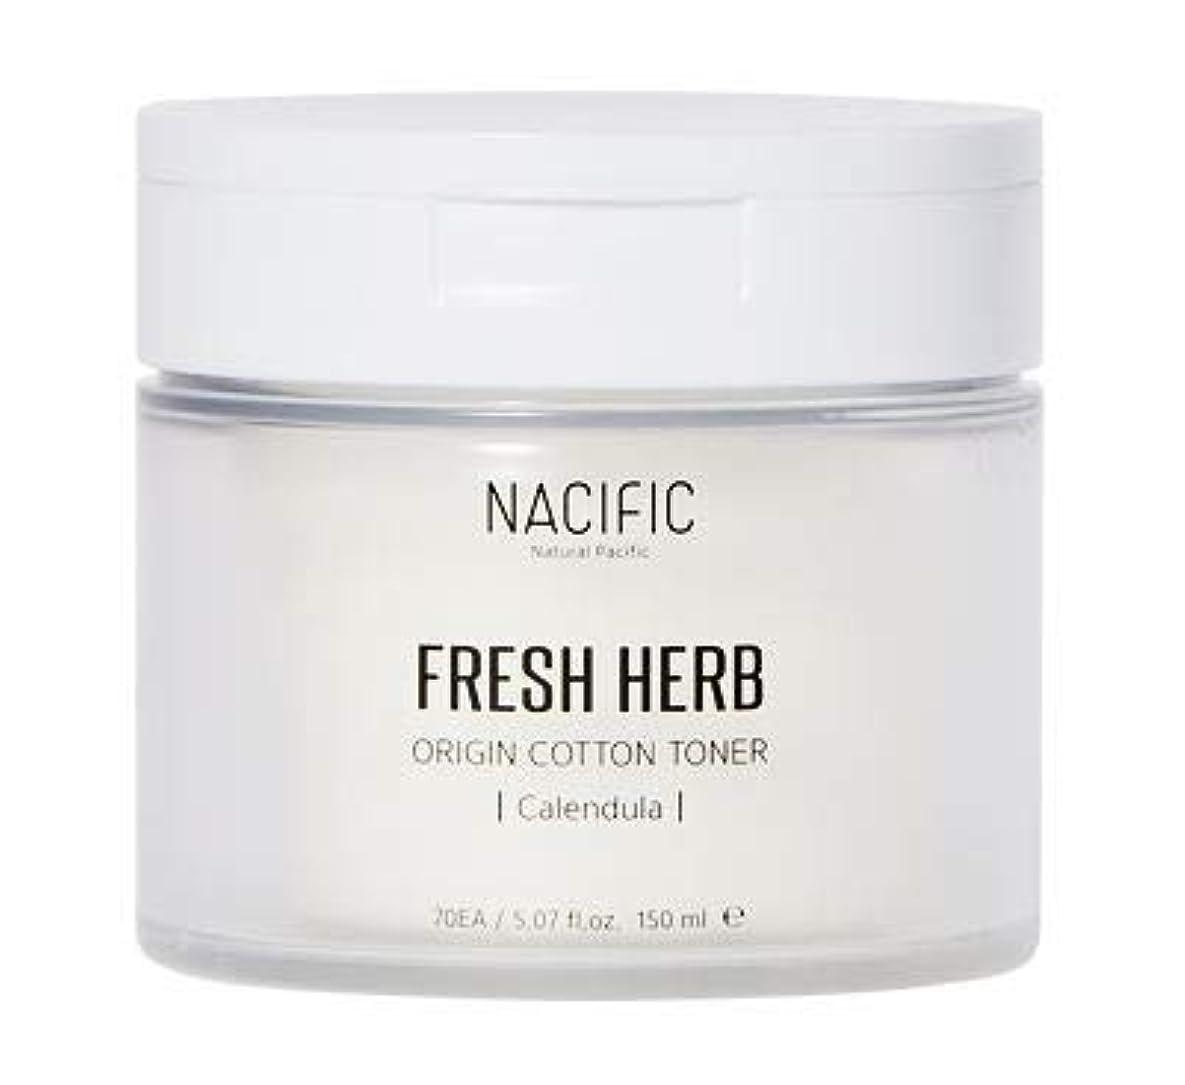 デモンストレーションで出来ている純粋な[Nacific] Fresh Herb Origin Cotton Toner 150ml (Calendula) /[ナシフィック] フレッシュ ハーブ オリジン コットン トナー (カレンデュラ)150ml [並行輸入品]